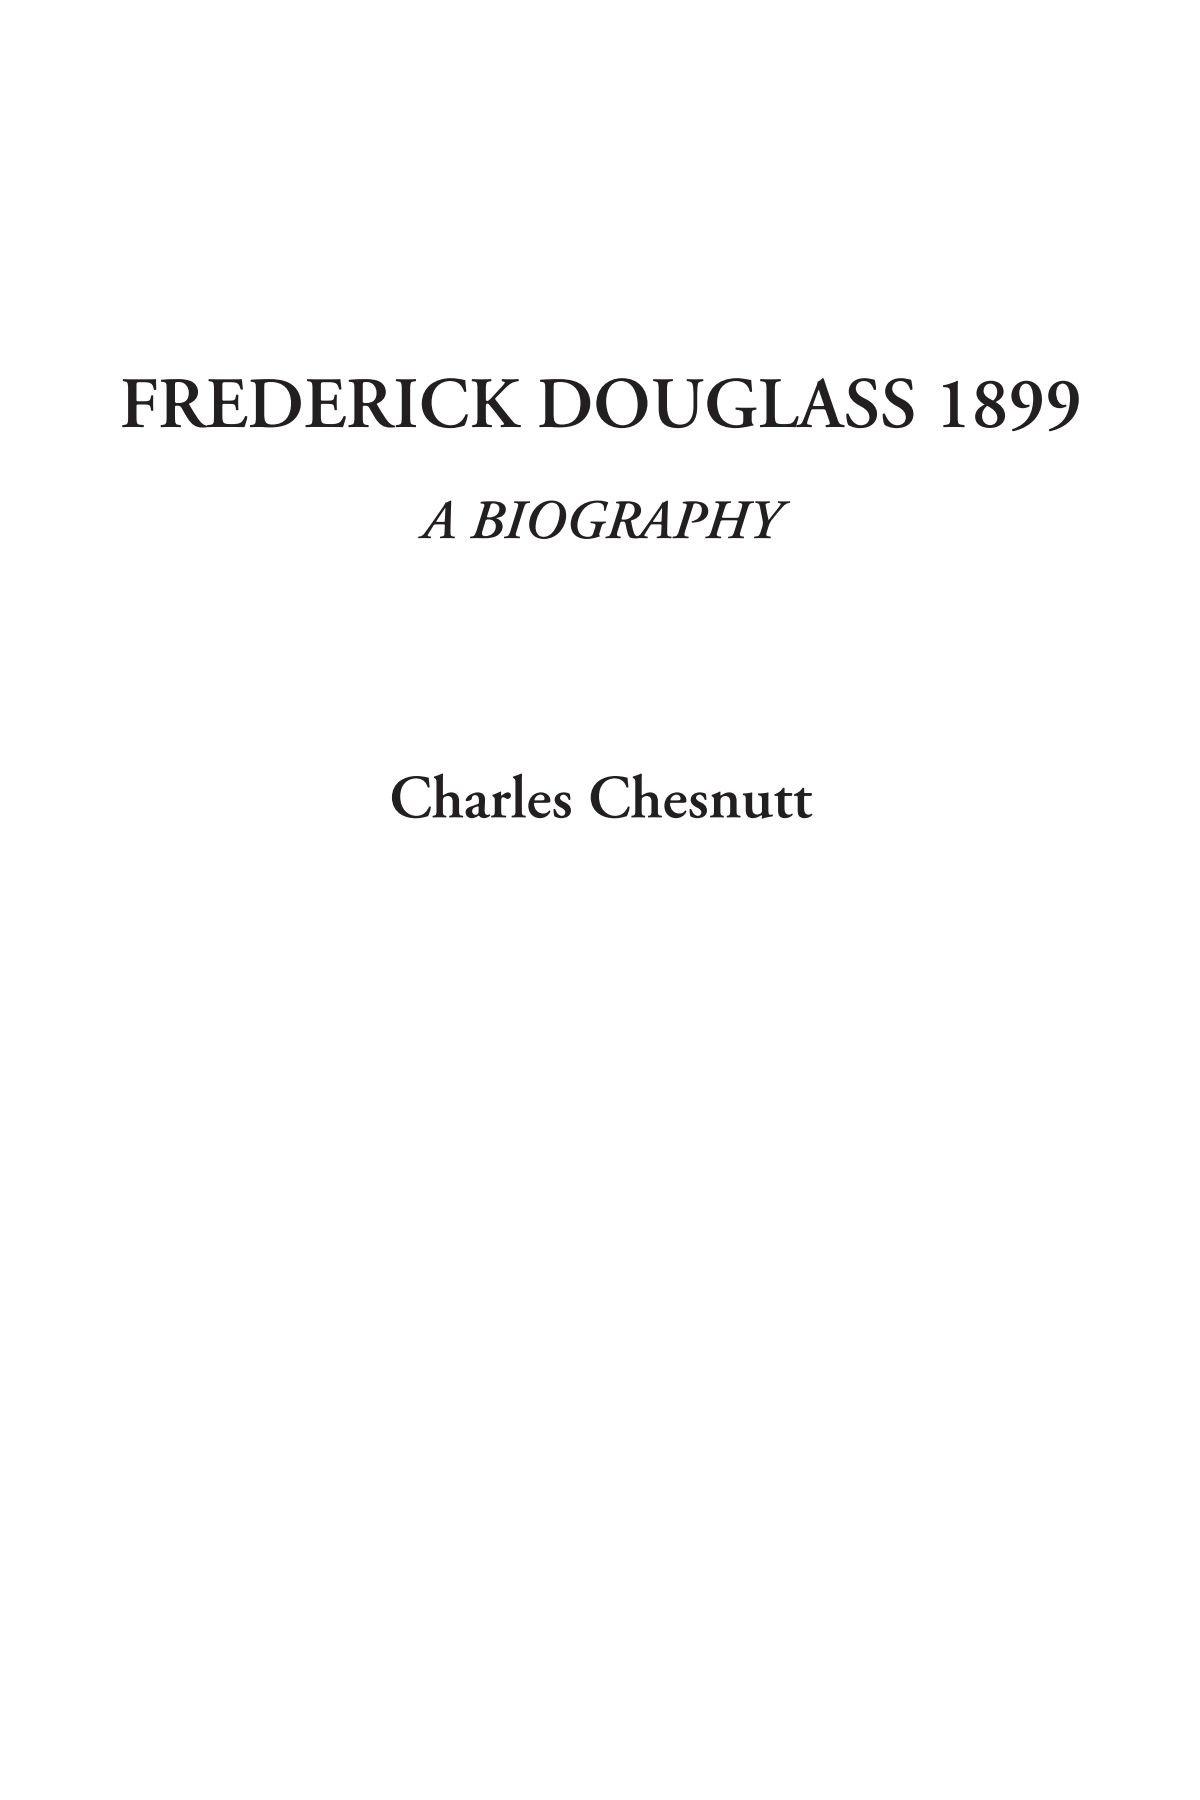 Read Online Frederick Douglass 1899 (A Biography) PDF